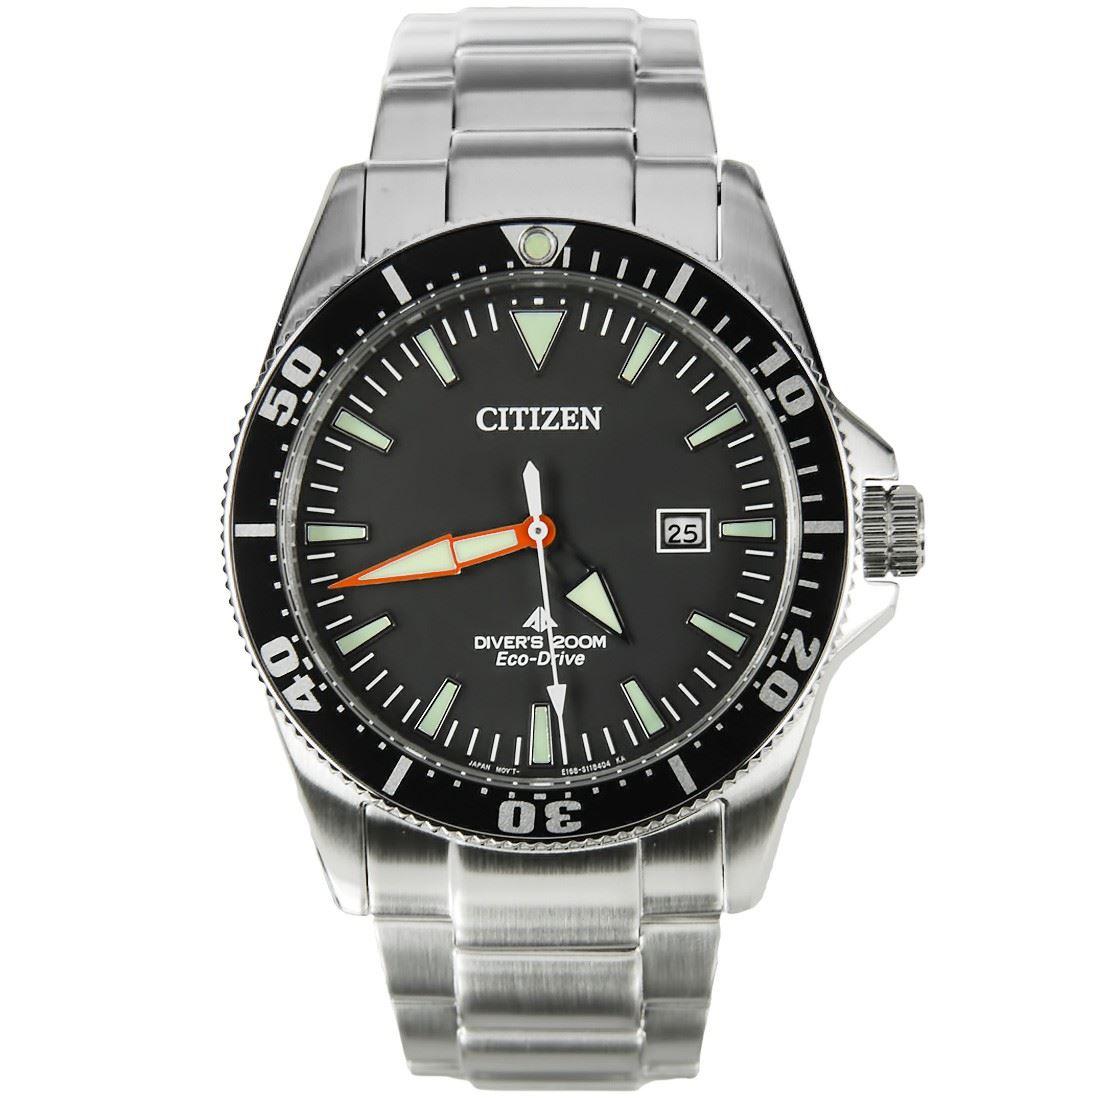 Bn0100 00e bn0100 51e citizen eco drive promaster diver watch ebay - Citizen promaster dive watch ...